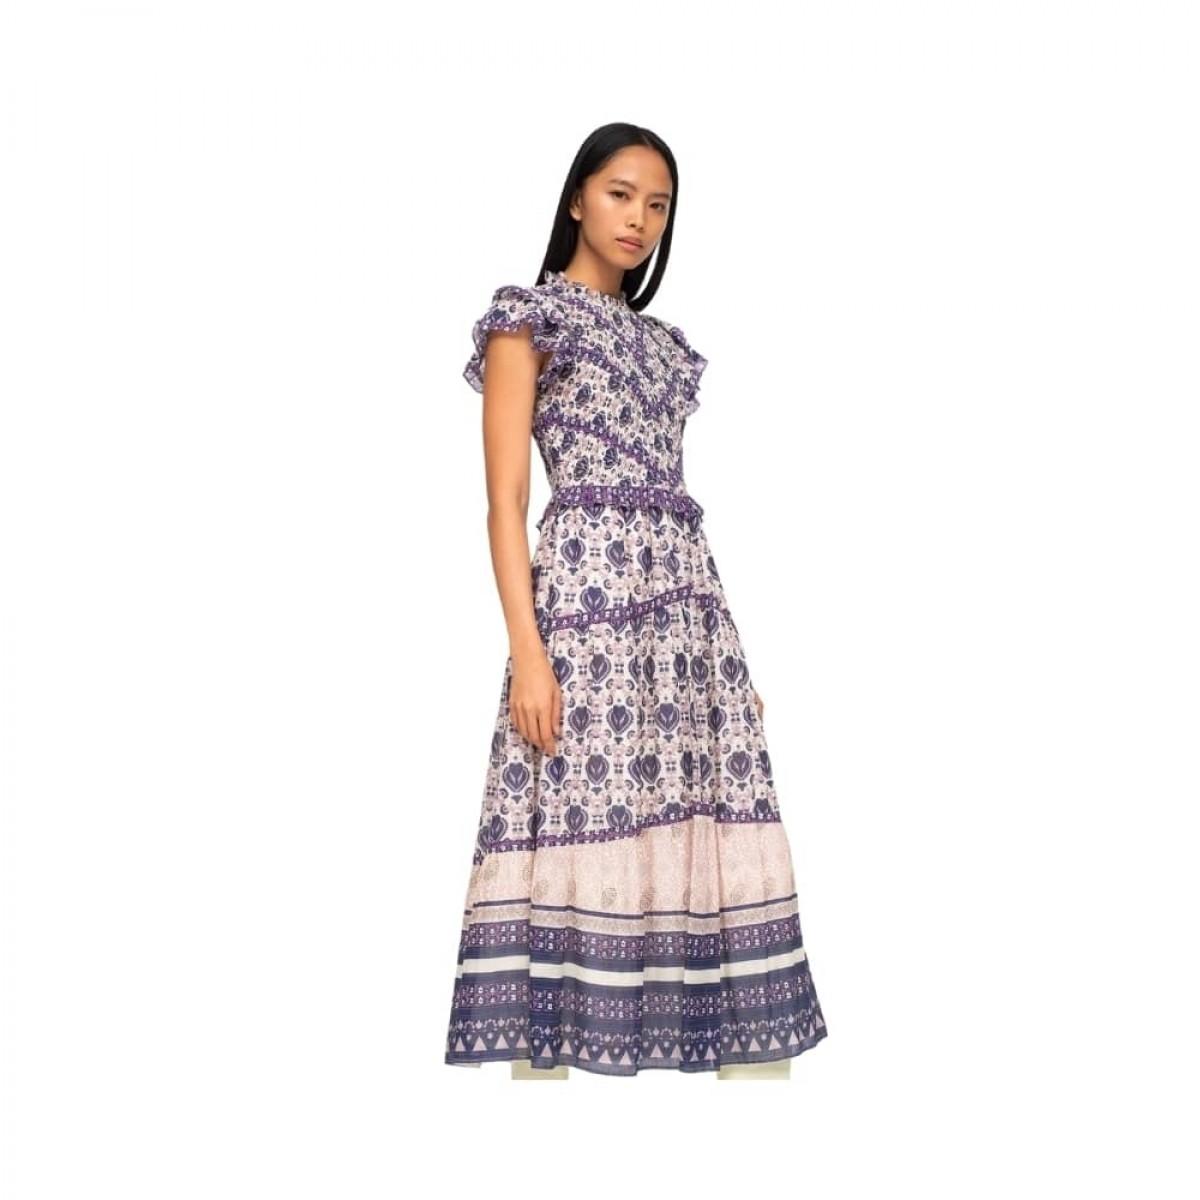 brigitte border kjole - violet - model fra siden